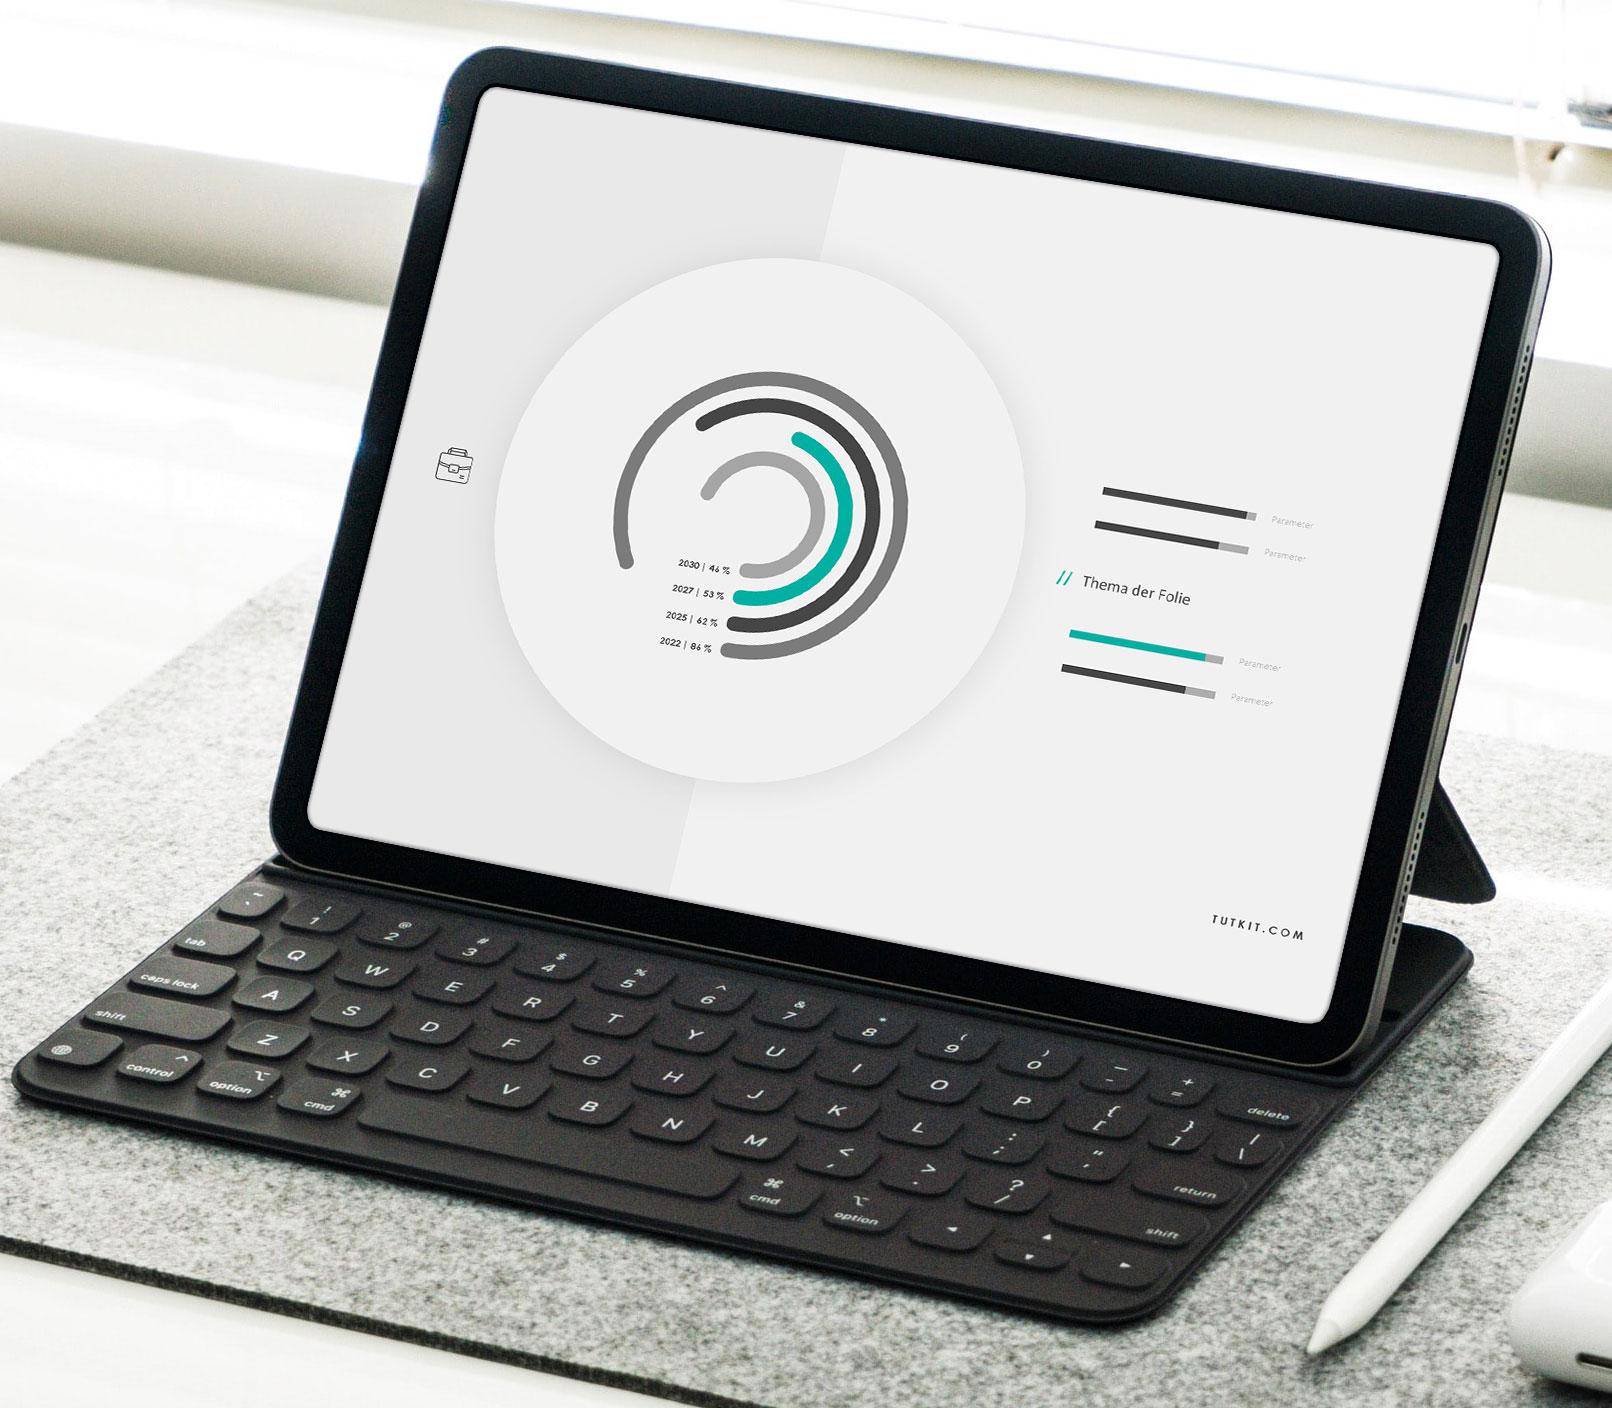 Vorlagen für Google Präsentationen im Air-Design: Beispielfolie auf einem Laptop